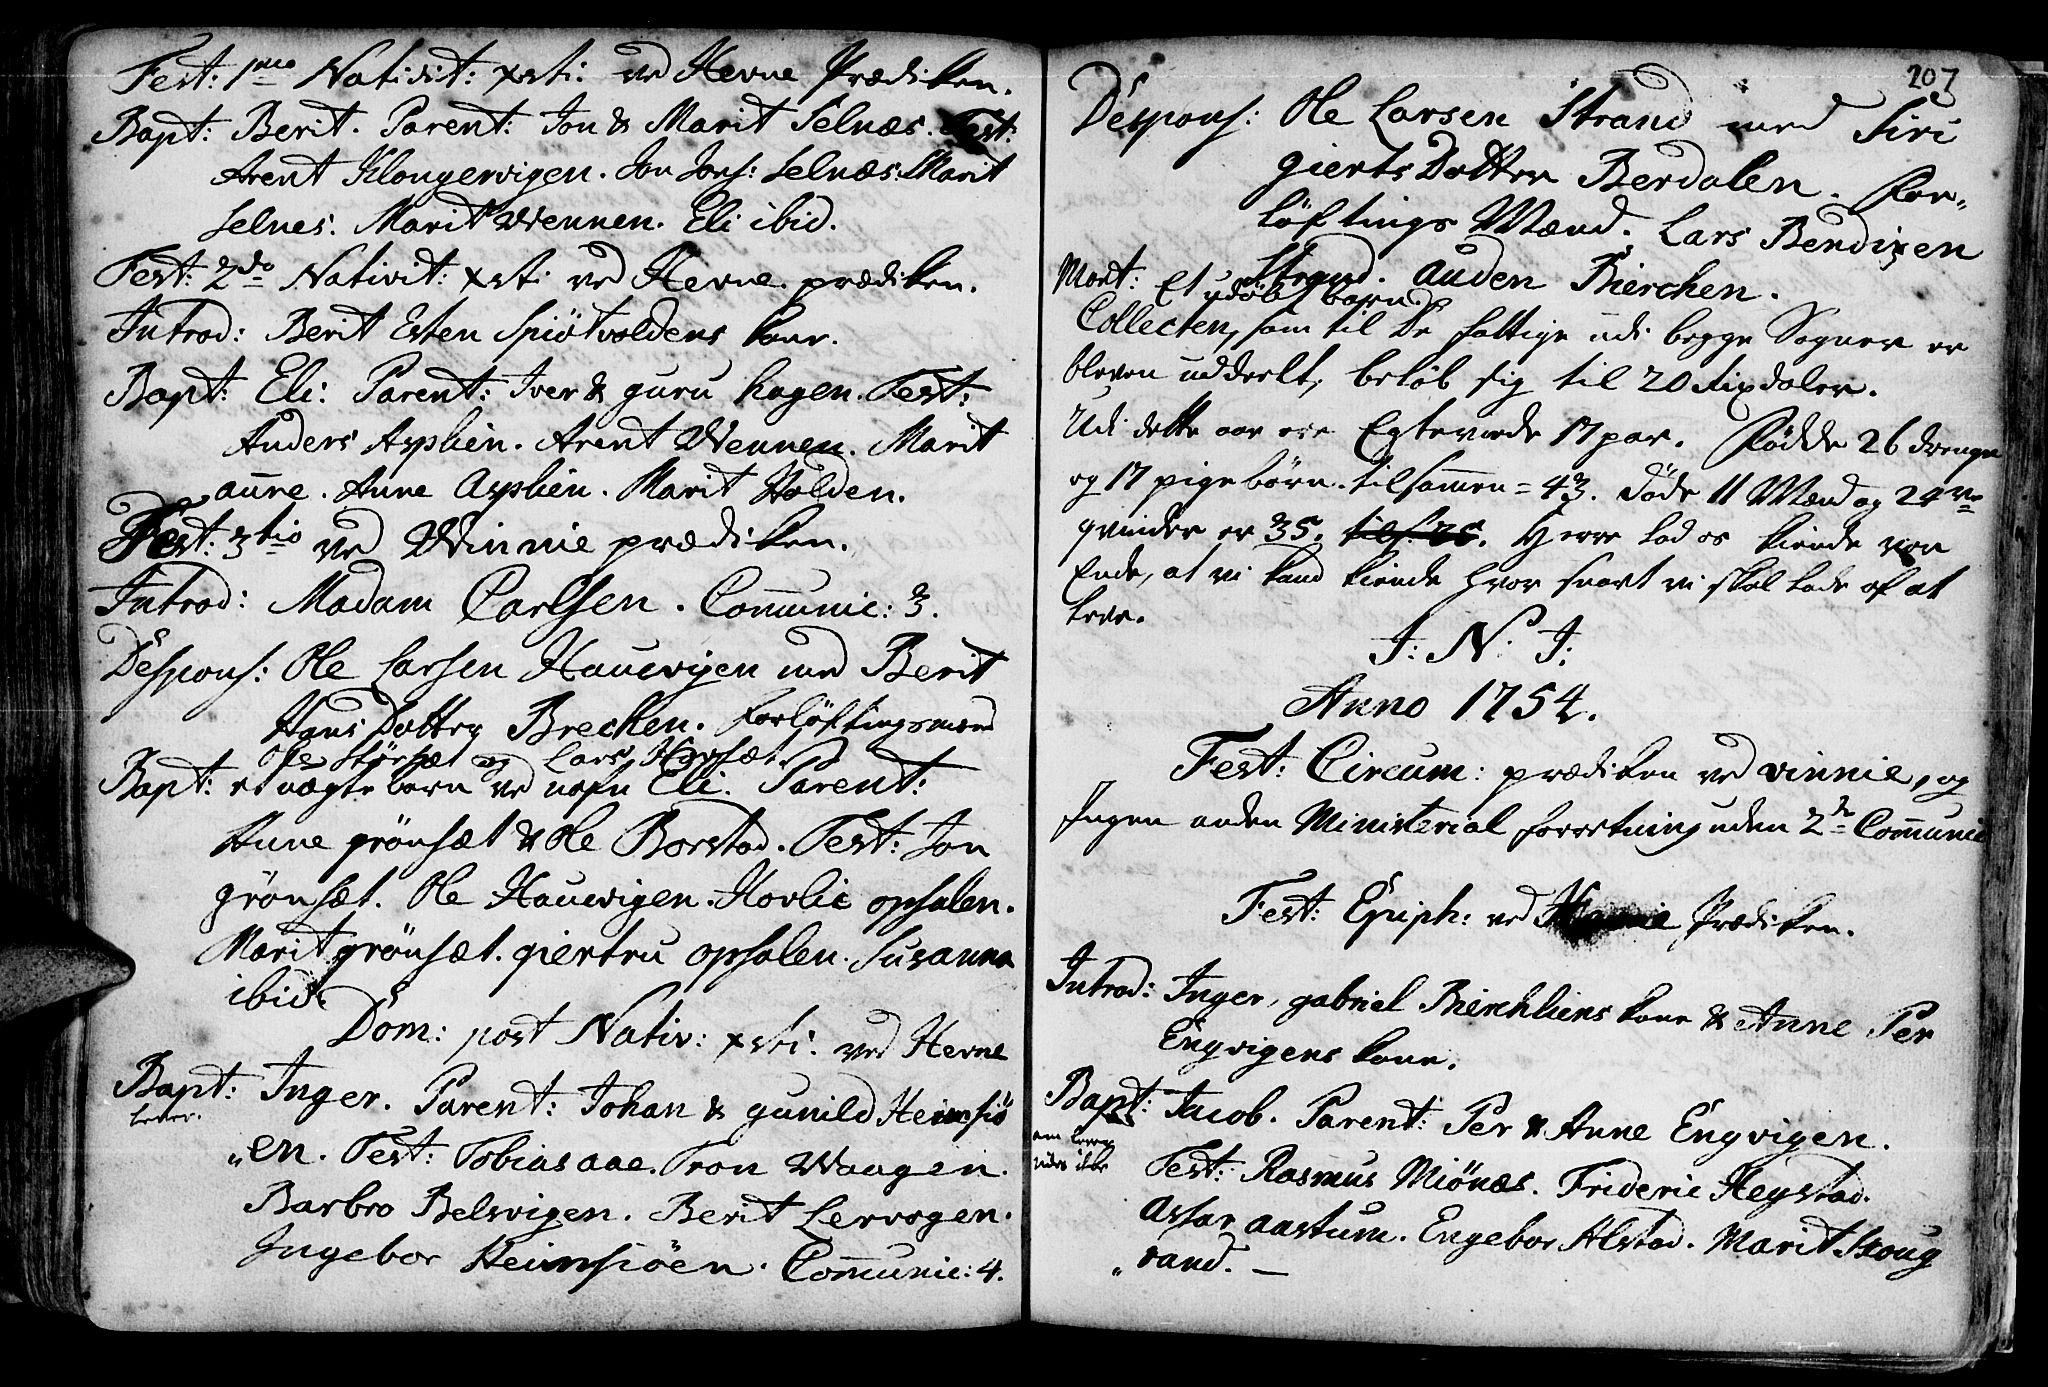 SAT, Ministerialprotokoller, klokkerbøker og fødselsregistre - Sør-Trøndelag, 630/L0488: Ministerialbok nr. 630A01, 1717-1756, s. 206-207